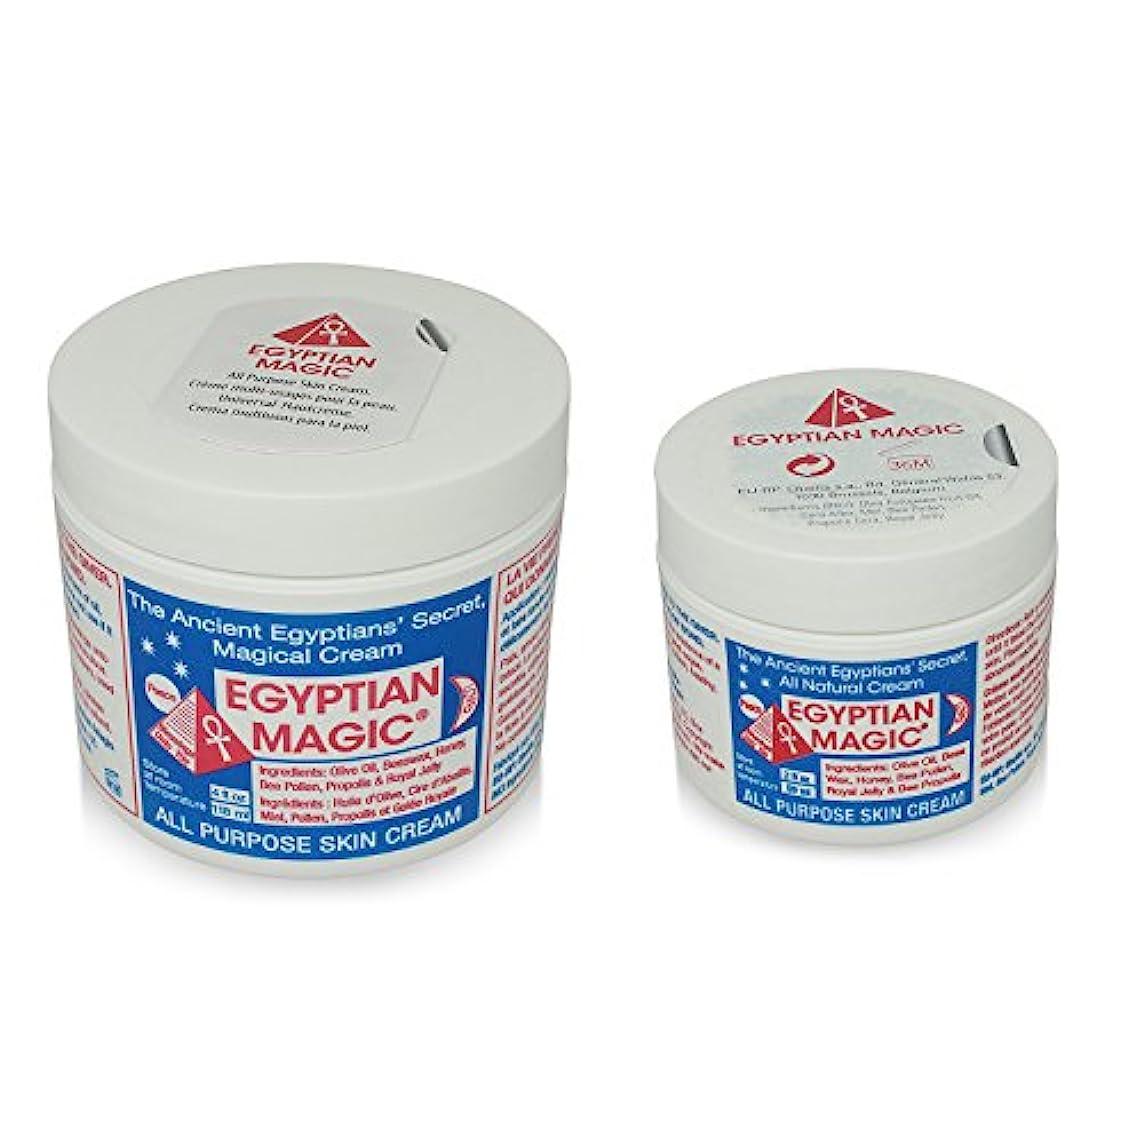 第四二度軽くEgyptian Magic Skin Cream エジプシャンマジッククリーム  (118ml)と(59ml)の2個セット